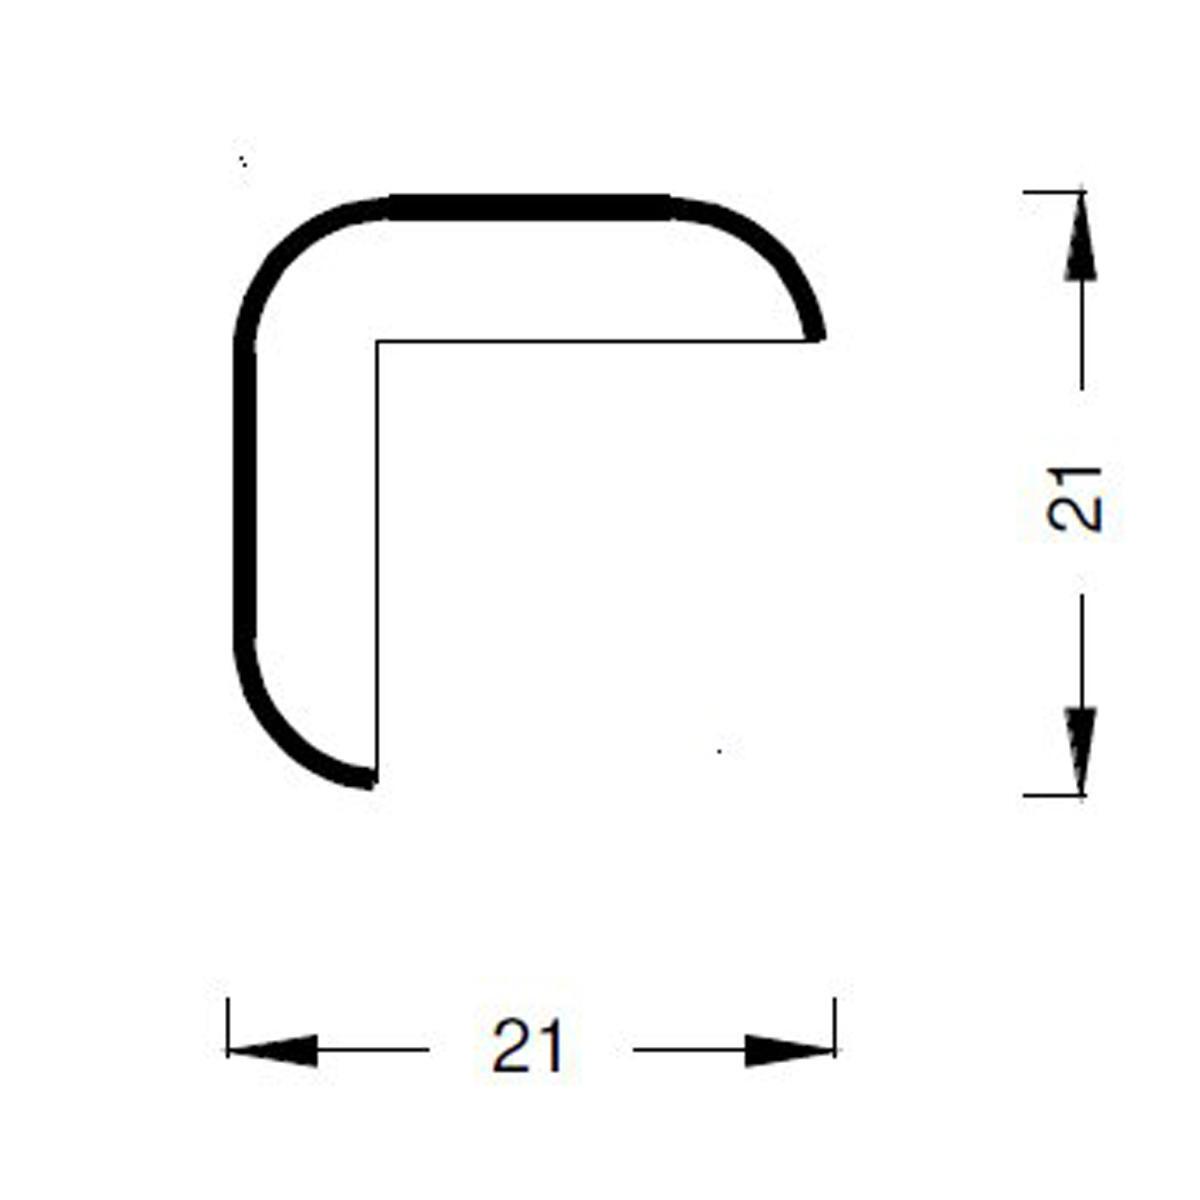 Paraspigolo in rovere rovere 3 m x 21 mm, Sp 21 mm - 2